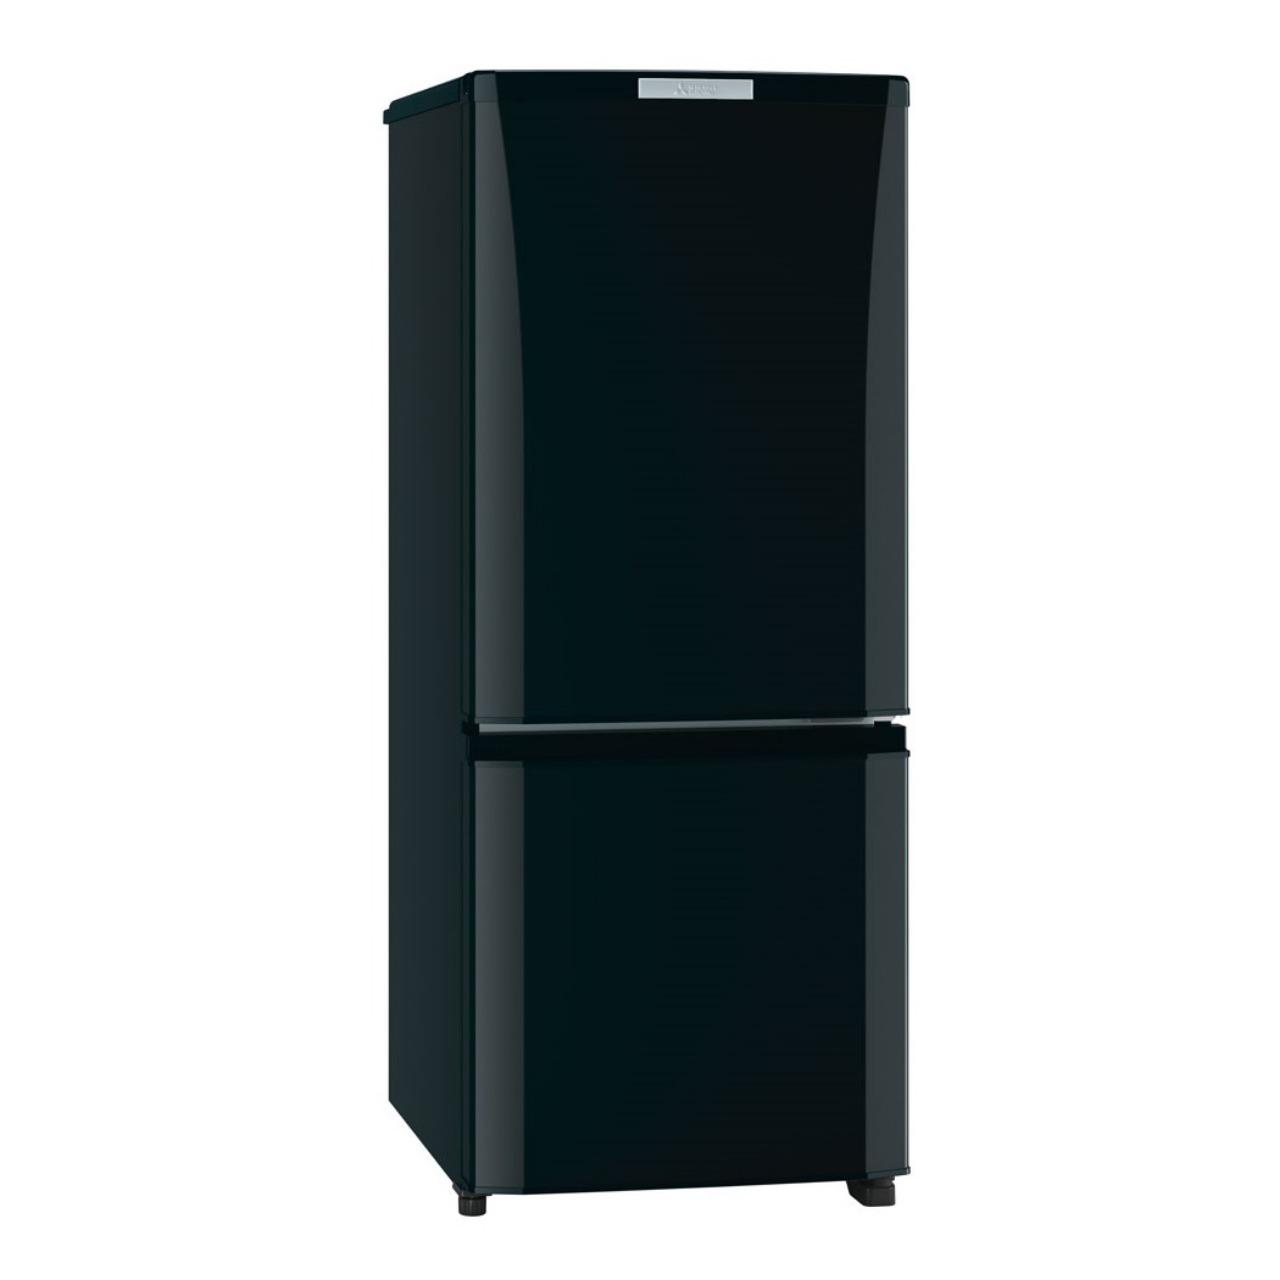 三菱MR-P15Y冷蔵庫